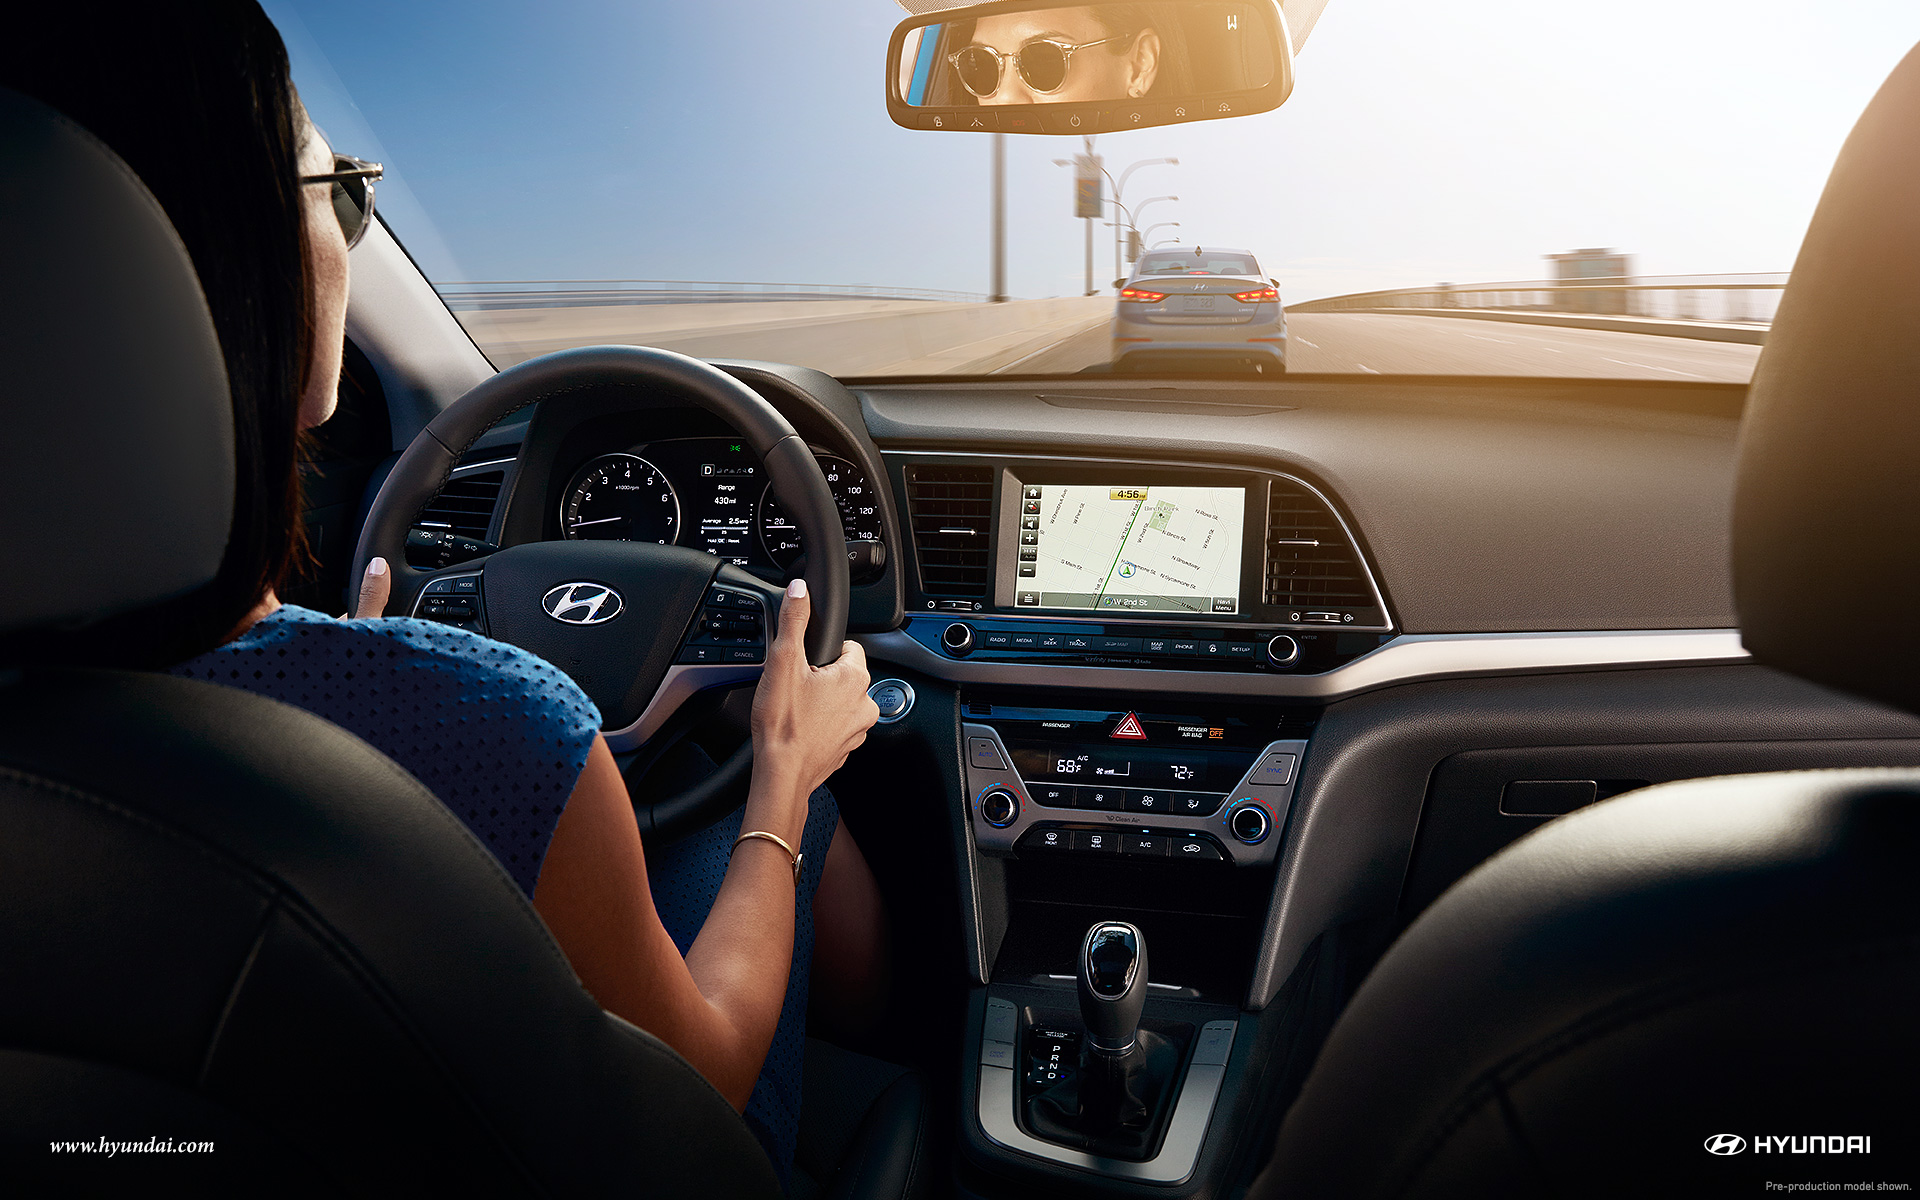 Worksheet. 2017 Hyundai Elantra vs 2017 Honda Civic near Alexandria VA